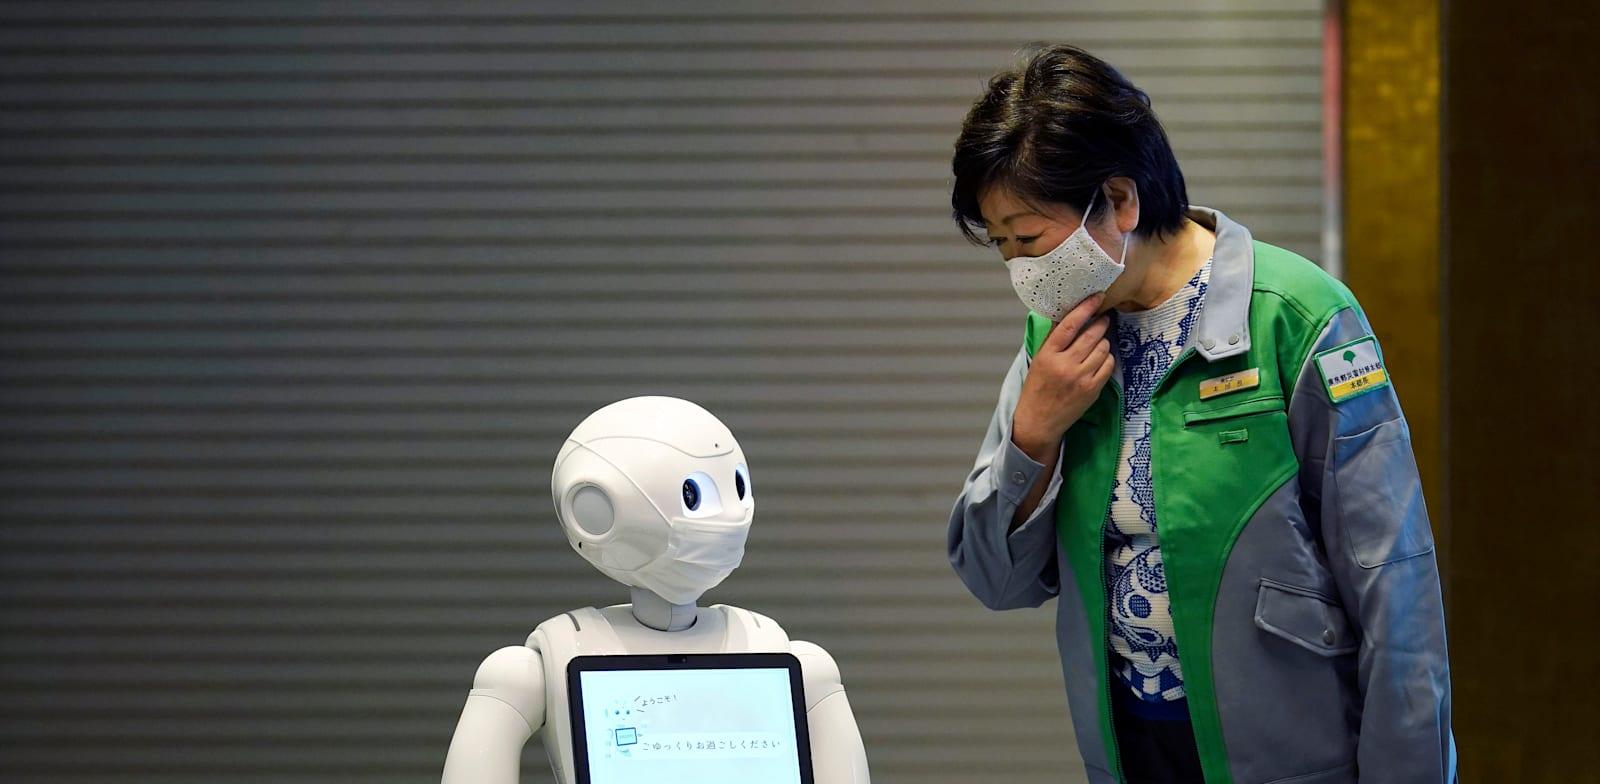 הרובוט פפר עוזר במלון קורונה ביפן / צילום: Associated Press, Eugene Hoshiko